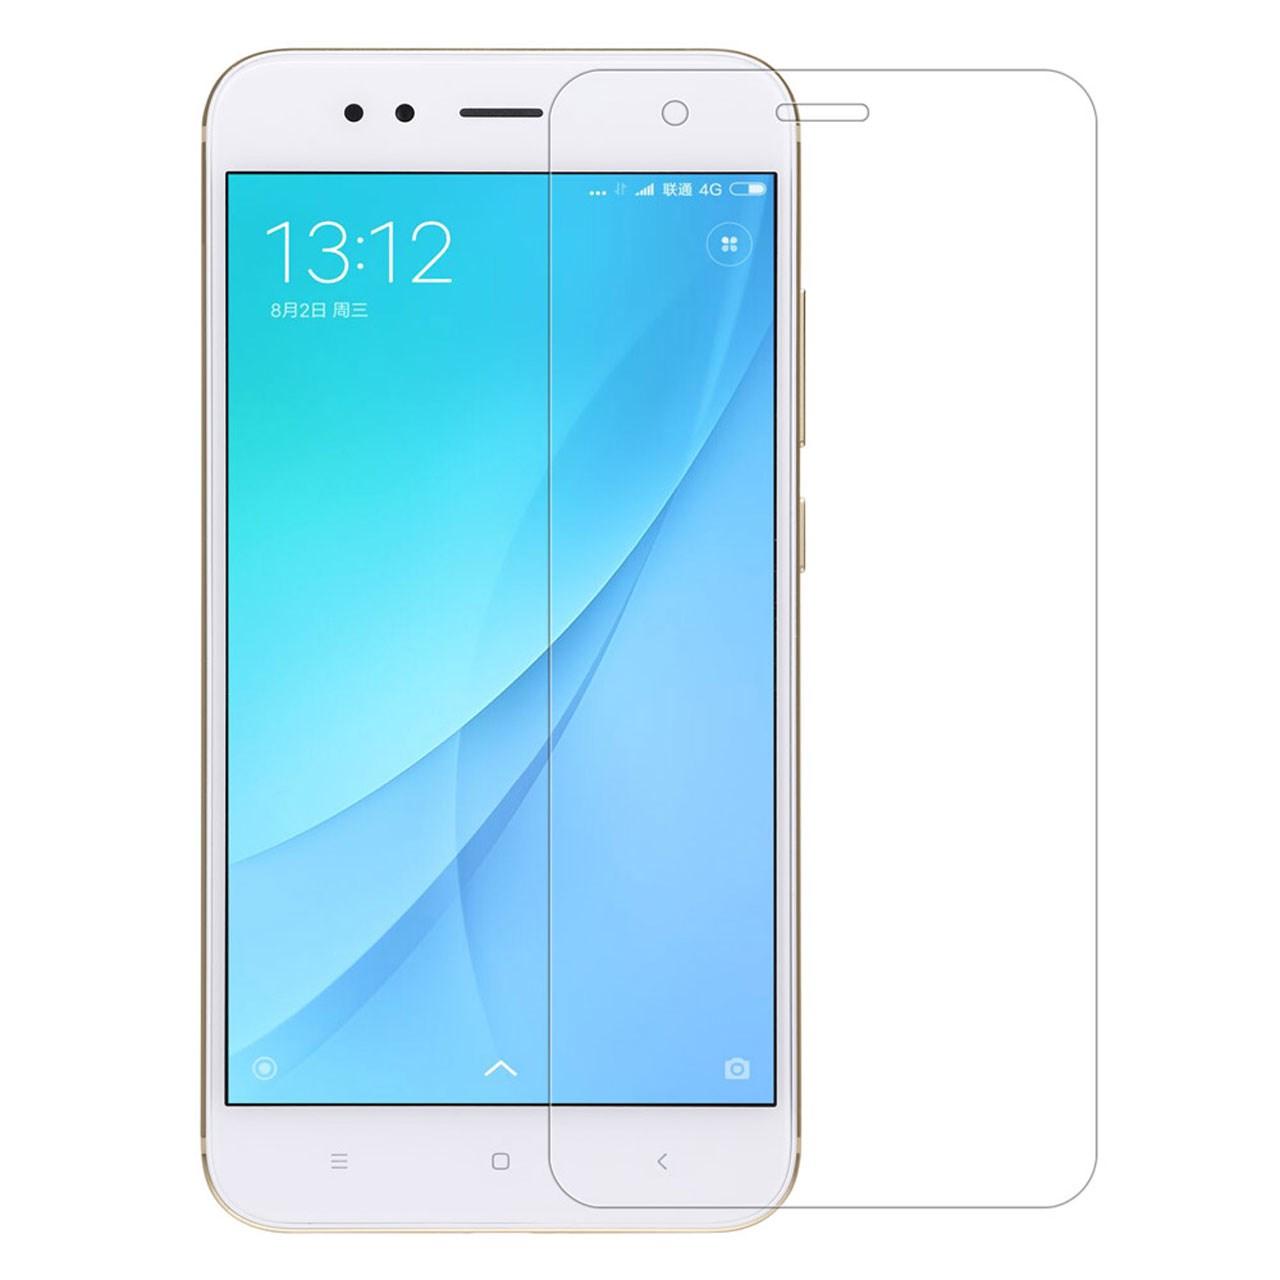 محافظ صفحه نمایش شیشه ای مدل Tempered مناسب برای گوشی موبایل شیائومی Mi A1